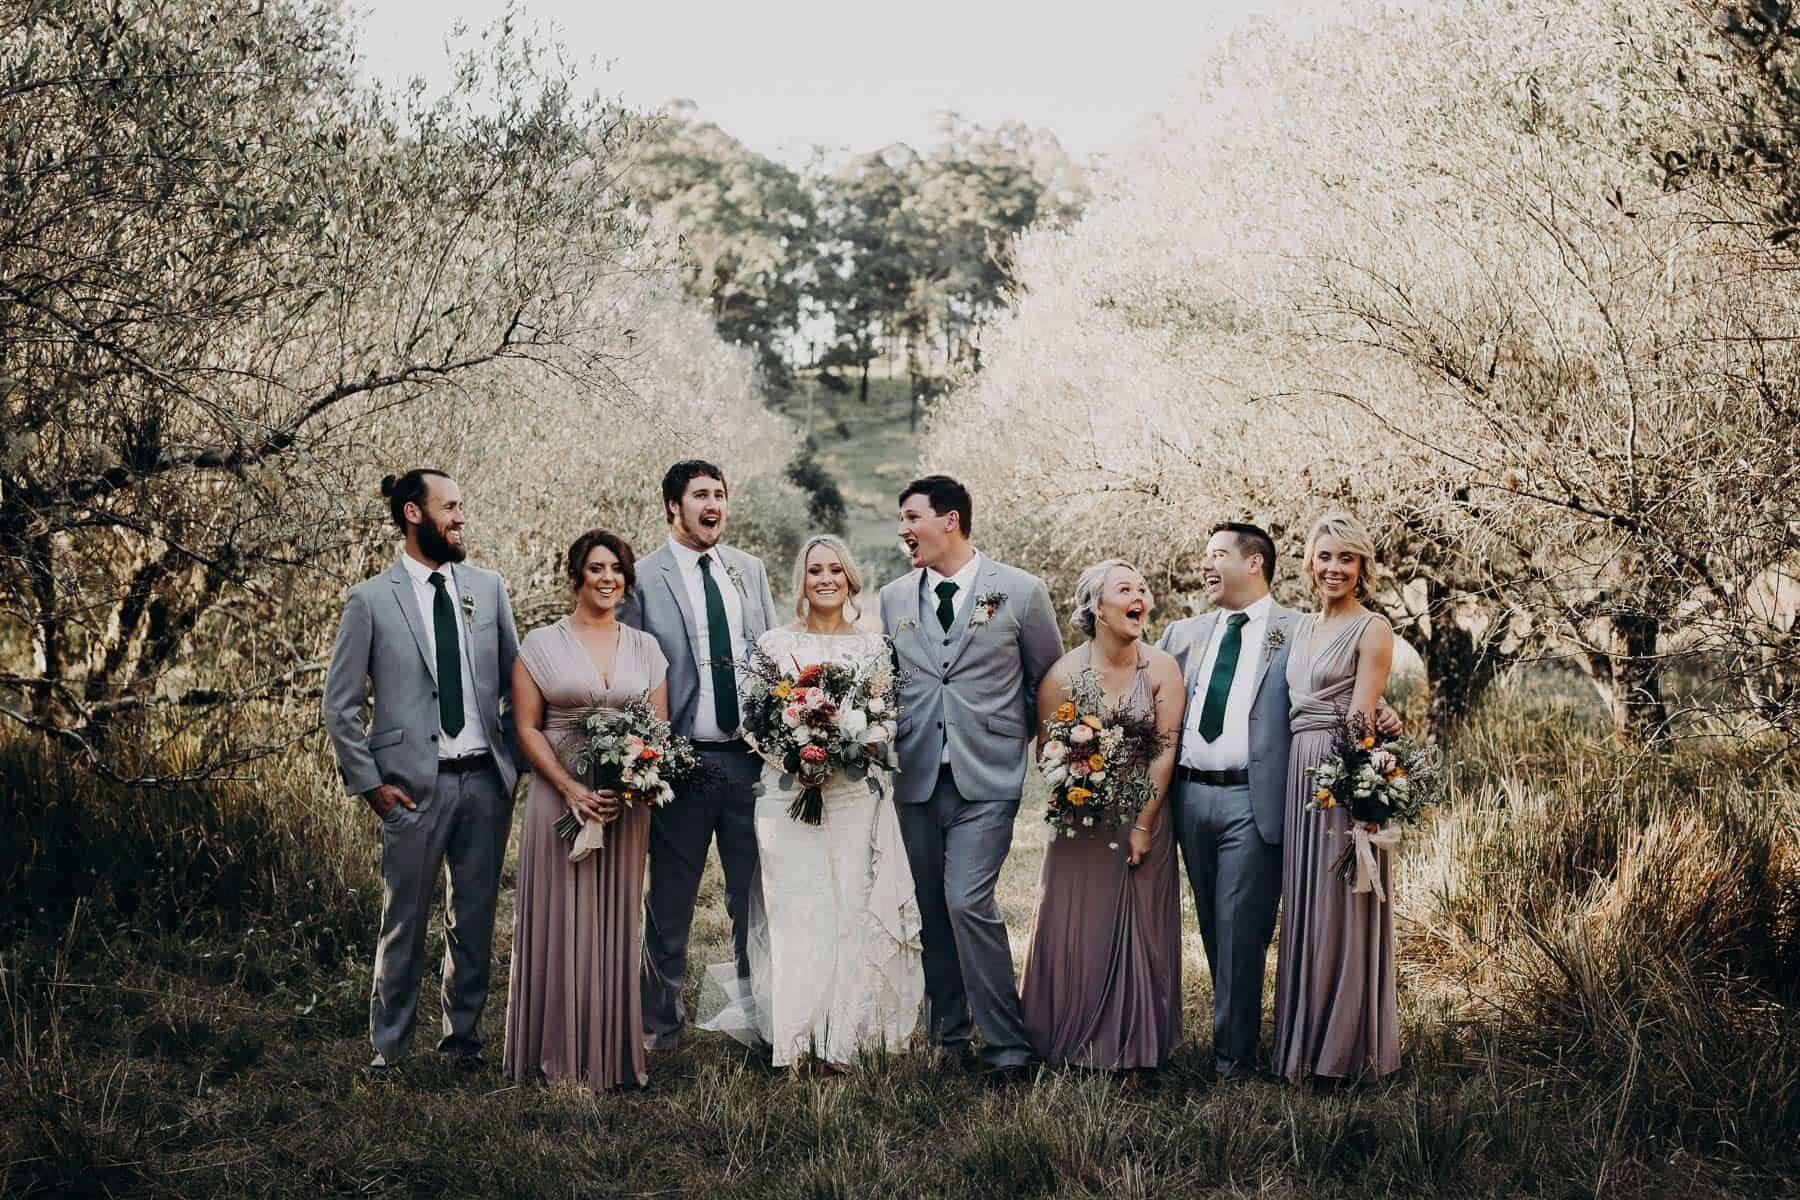 lilac bridesmaid maxi dresses